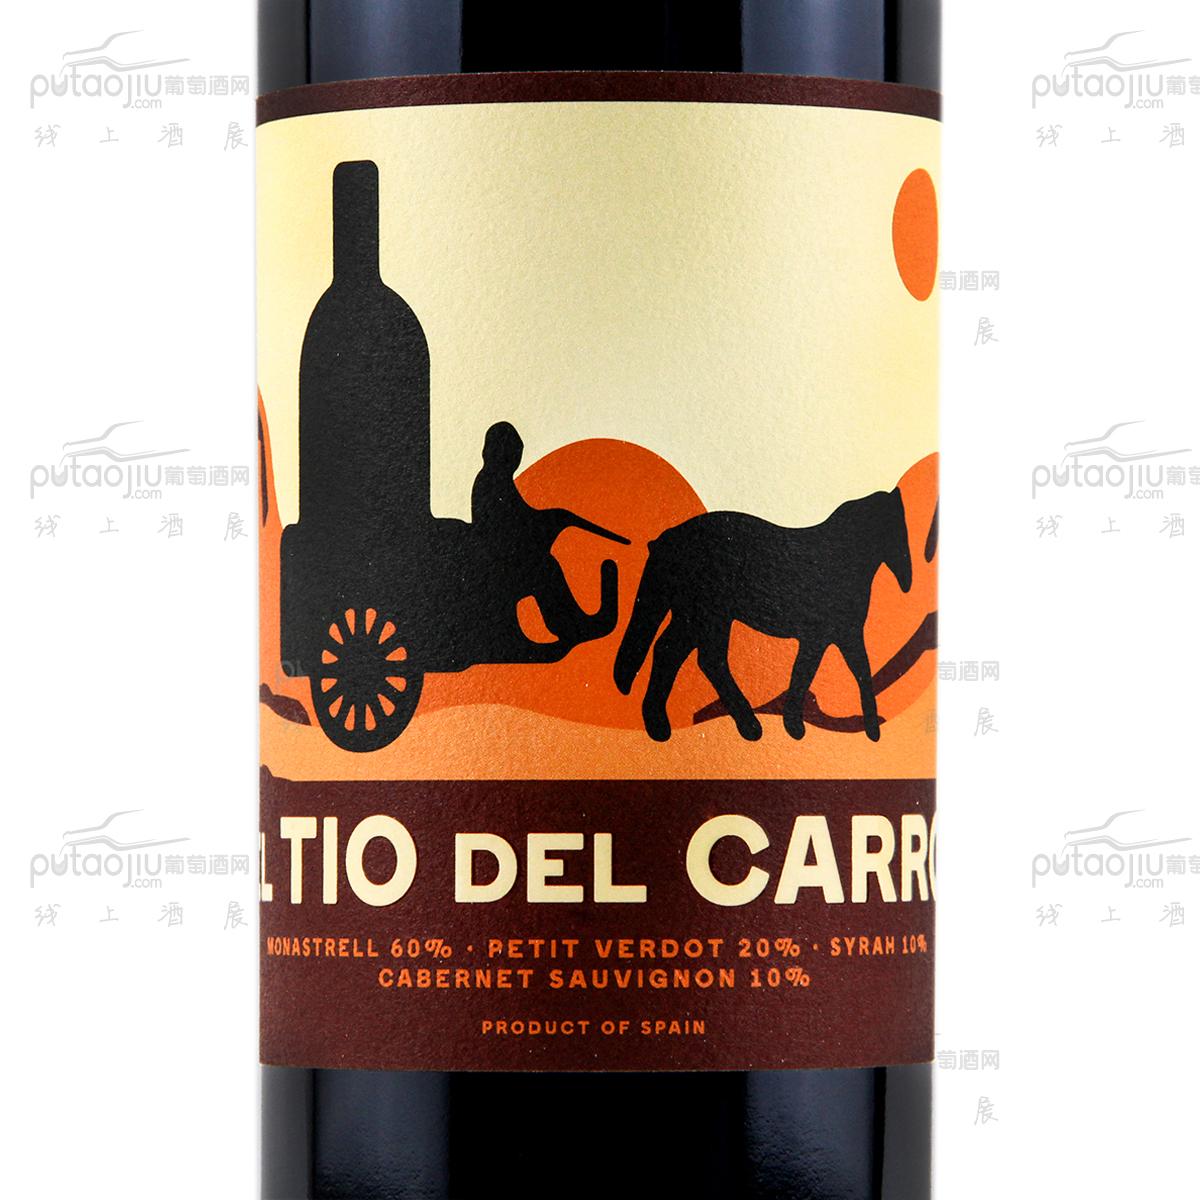 西班牙胡米利亚产区阿尔罗仁酒庄混酿帝欧卡罗陈酿干红葡萄酒